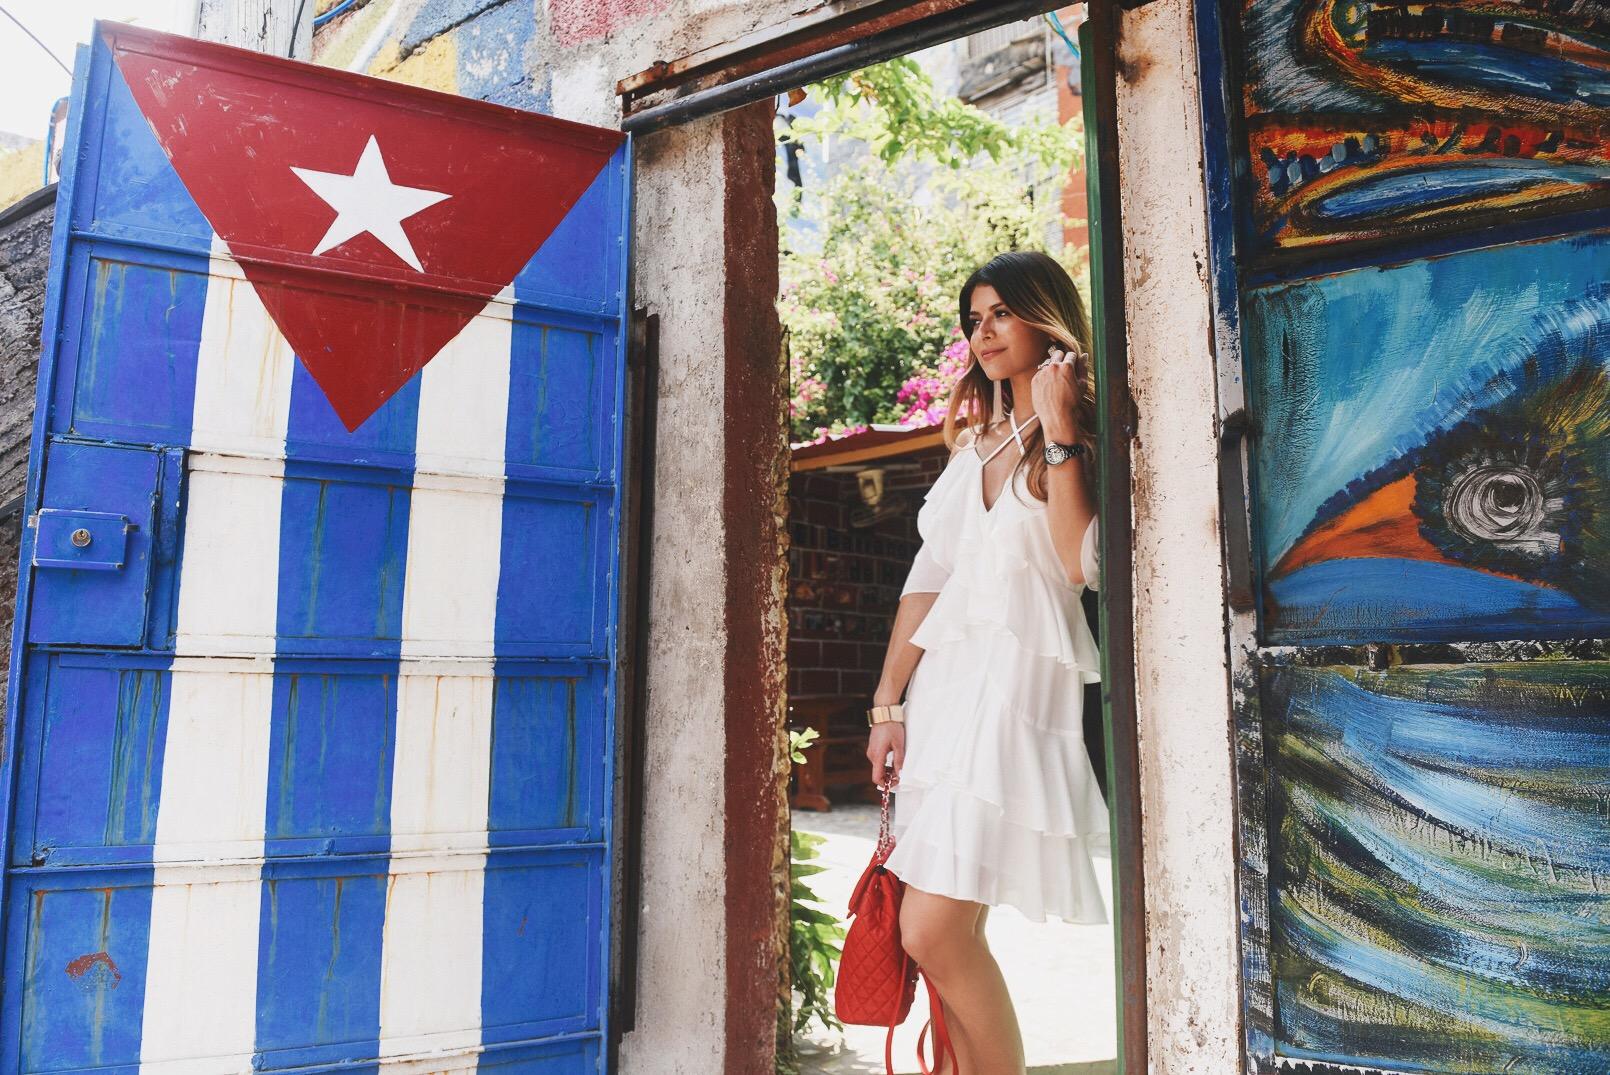 /content/gallery/budavar/programs/programscheme/Kuba/Havanna/kalandnyaralas-kubaban/kuba-fokep-ii.jpg